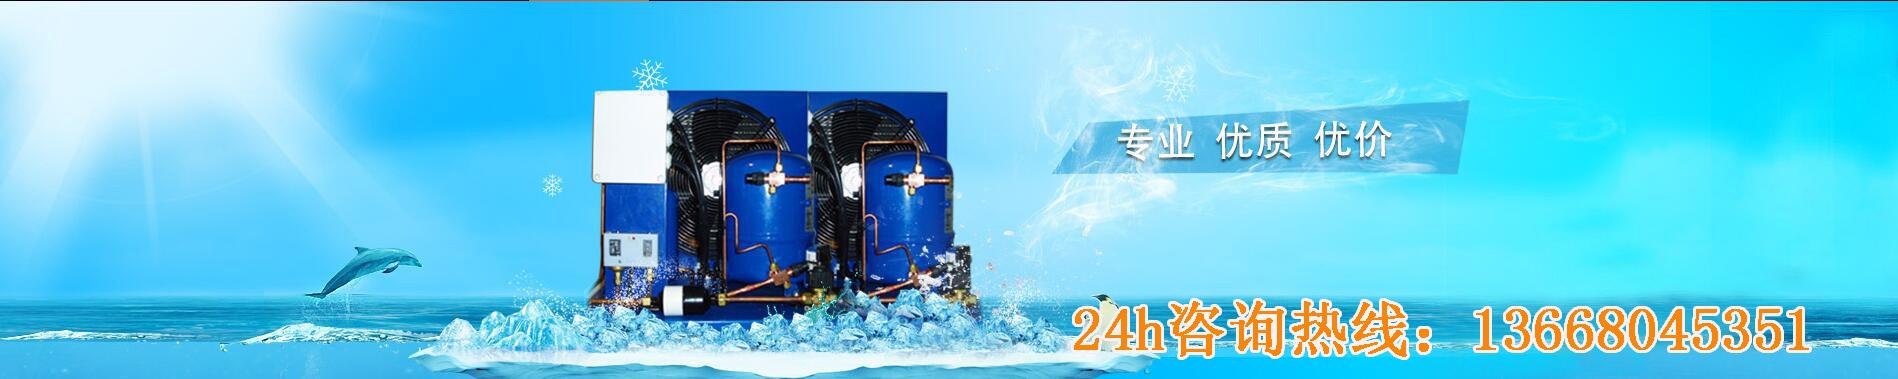 重庆冻库维修专业、优质、优价。咨询热线:136-6804-5351